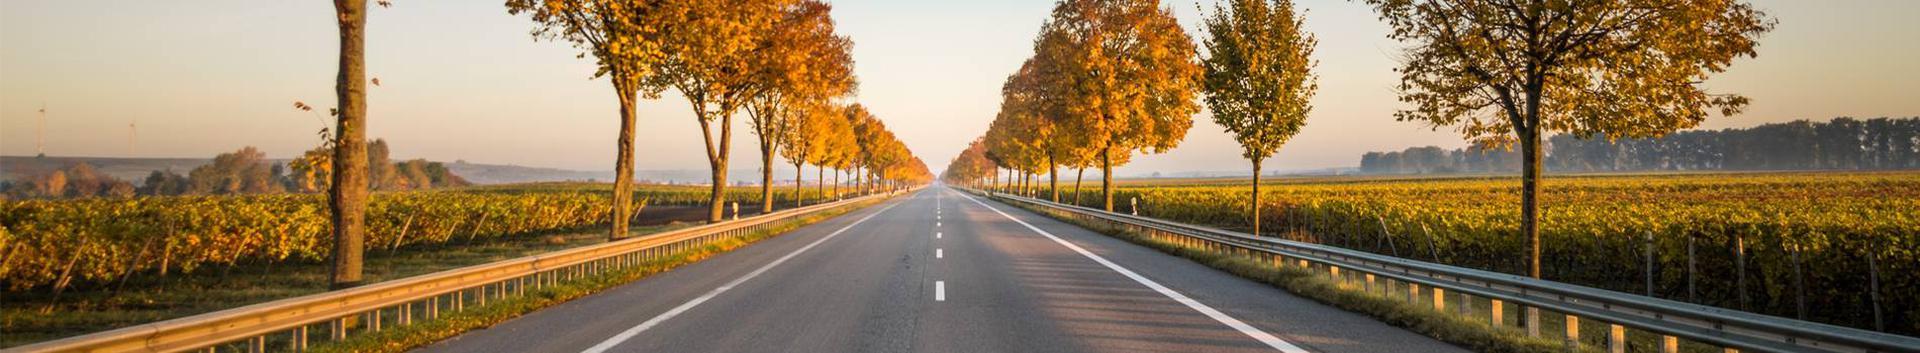 logistika, rahvusvahelised veod, transpordi- ja kullerteenused, transporditeenused